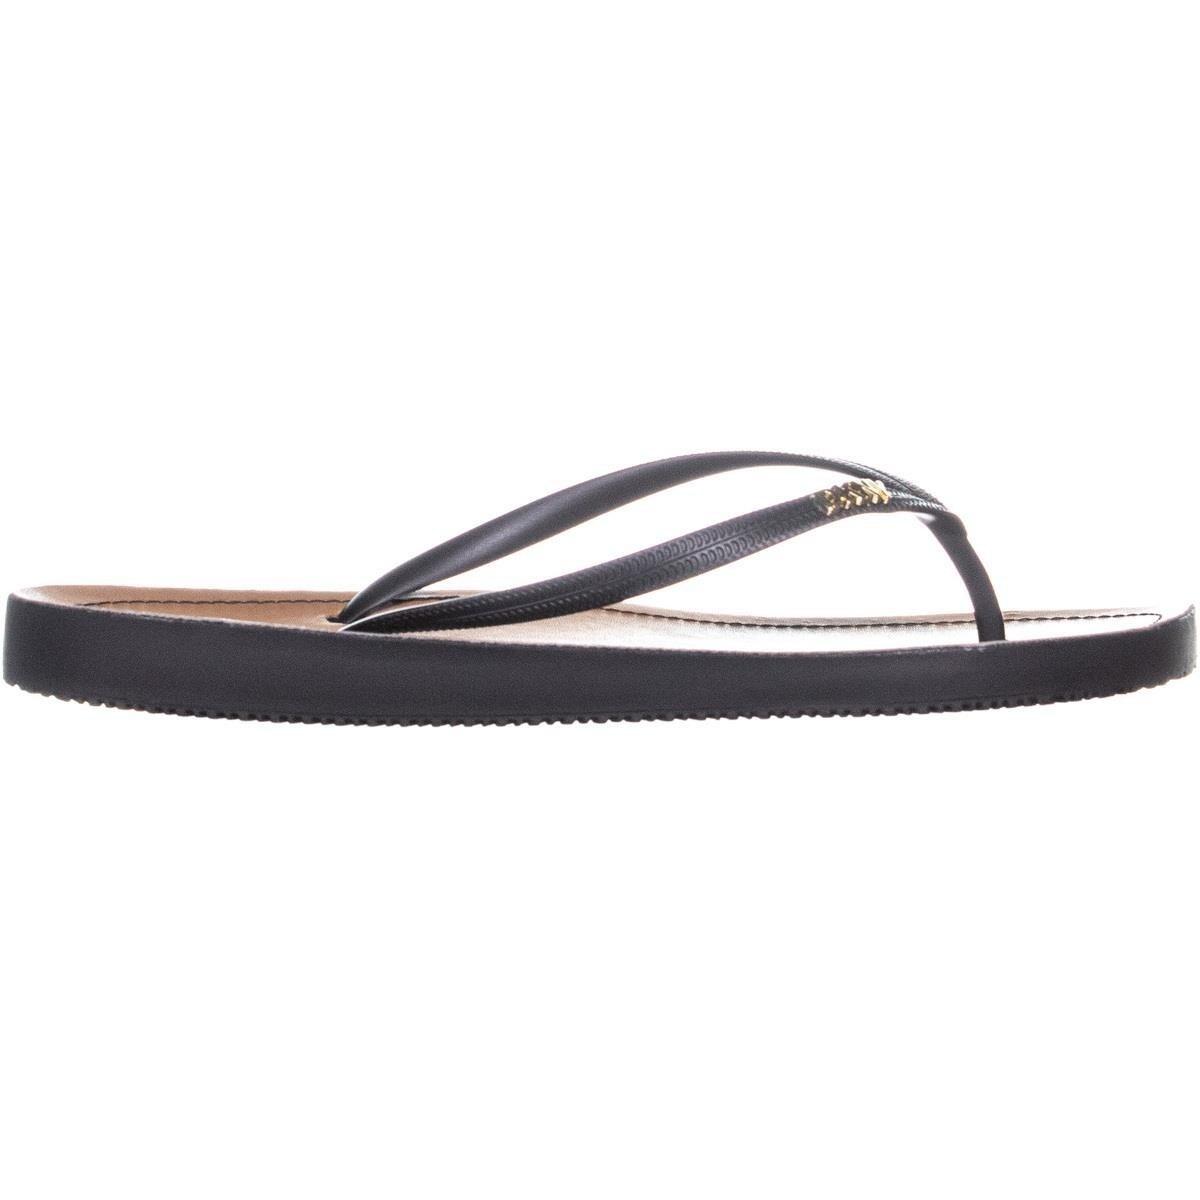 3e14fa3898727 Shop DKNY Madi Classic Flip Flop Sandals